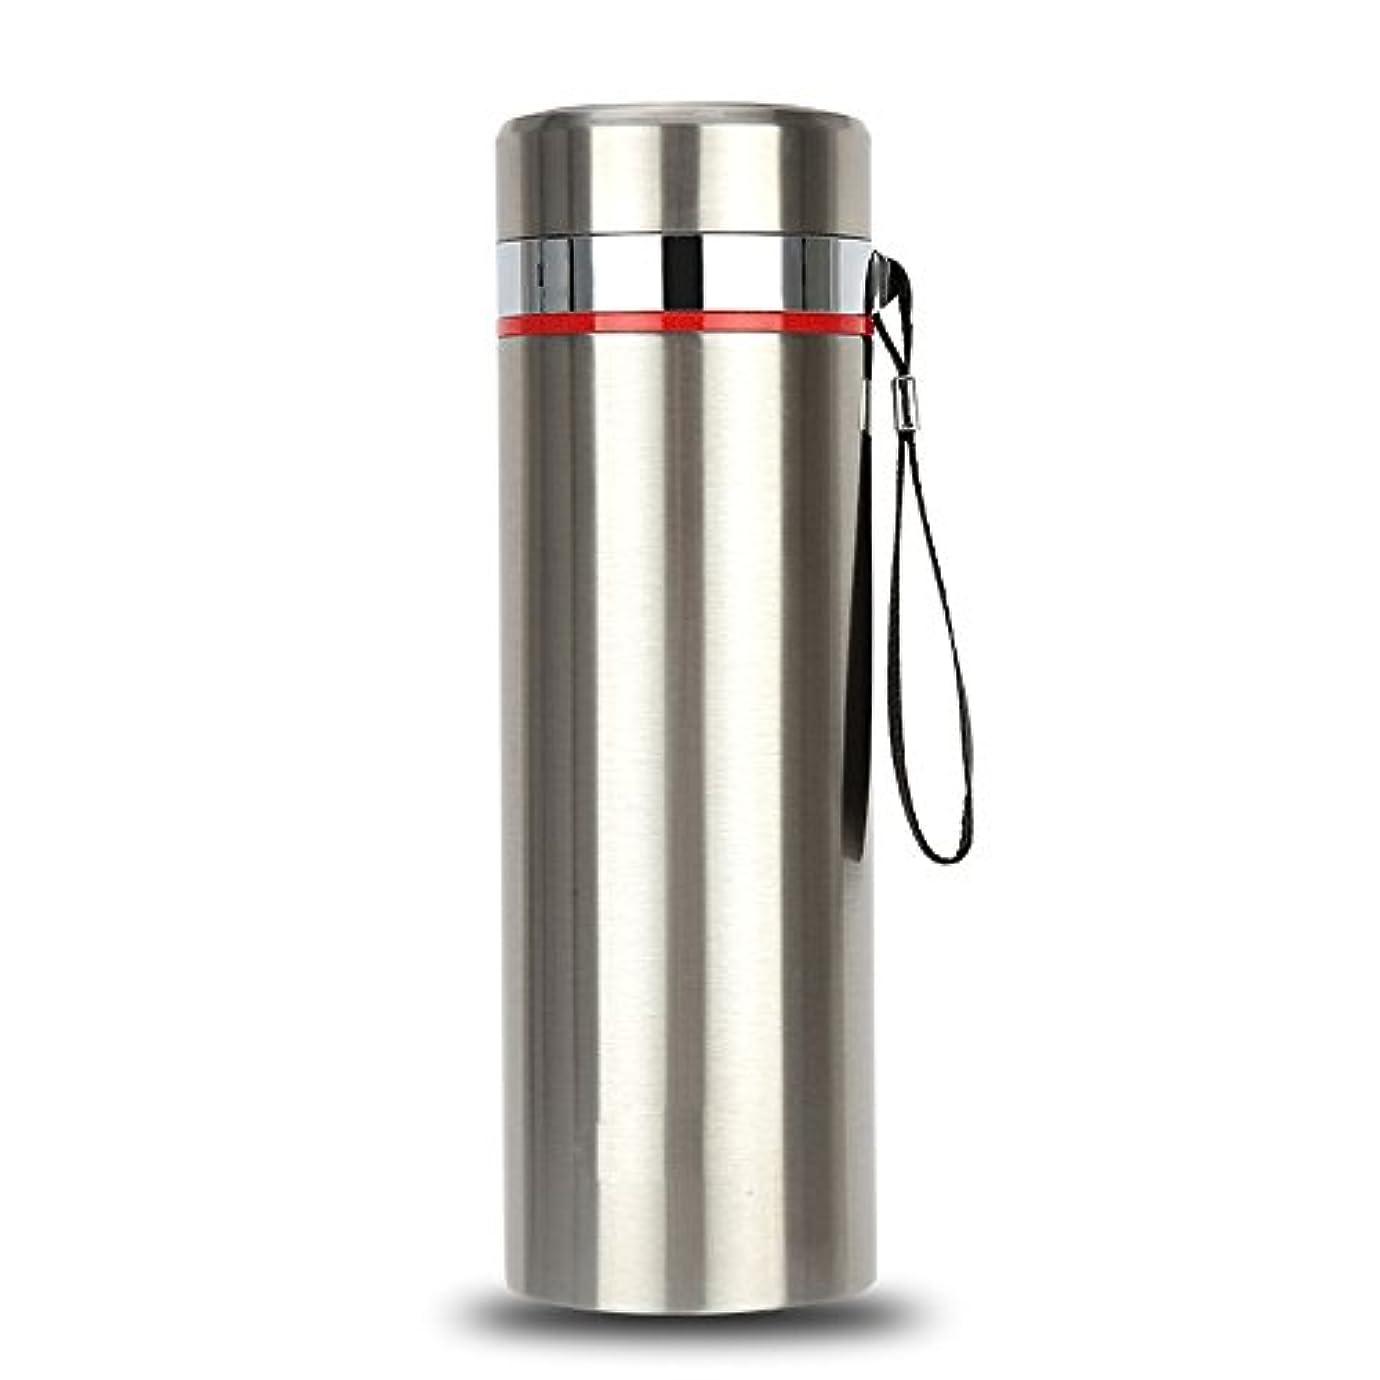 分類士気オープナーFeelyer ステンレス鋼大容量800ミリリットルスポーツボトル断熱カップ人間工学に基づいたデザインポータブルウォーターカップ高温品質保証 顧客に愛されて (Capacity : 1L, 色 : 銀)